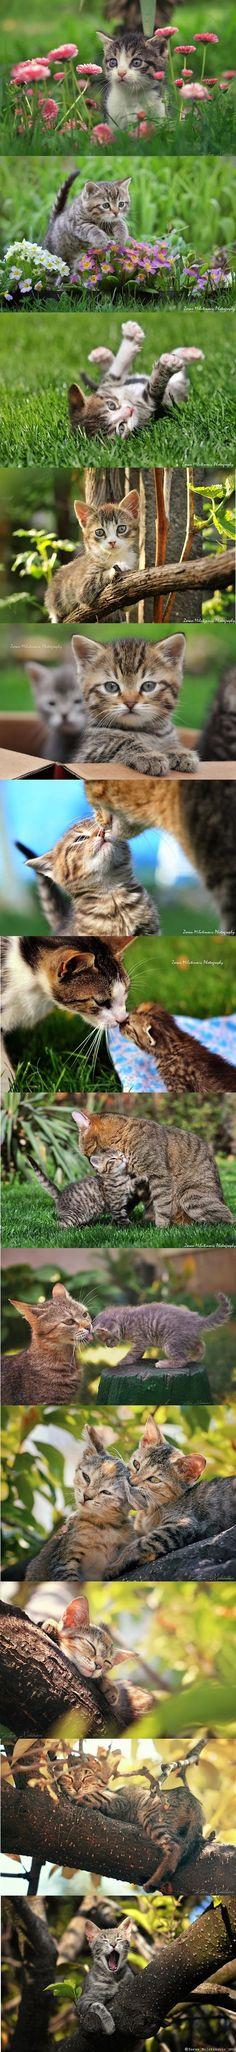 KITTEN photos by ZoranPhoto on DeviantArt #cat cats kitty kitten animal pet cute adorable nature